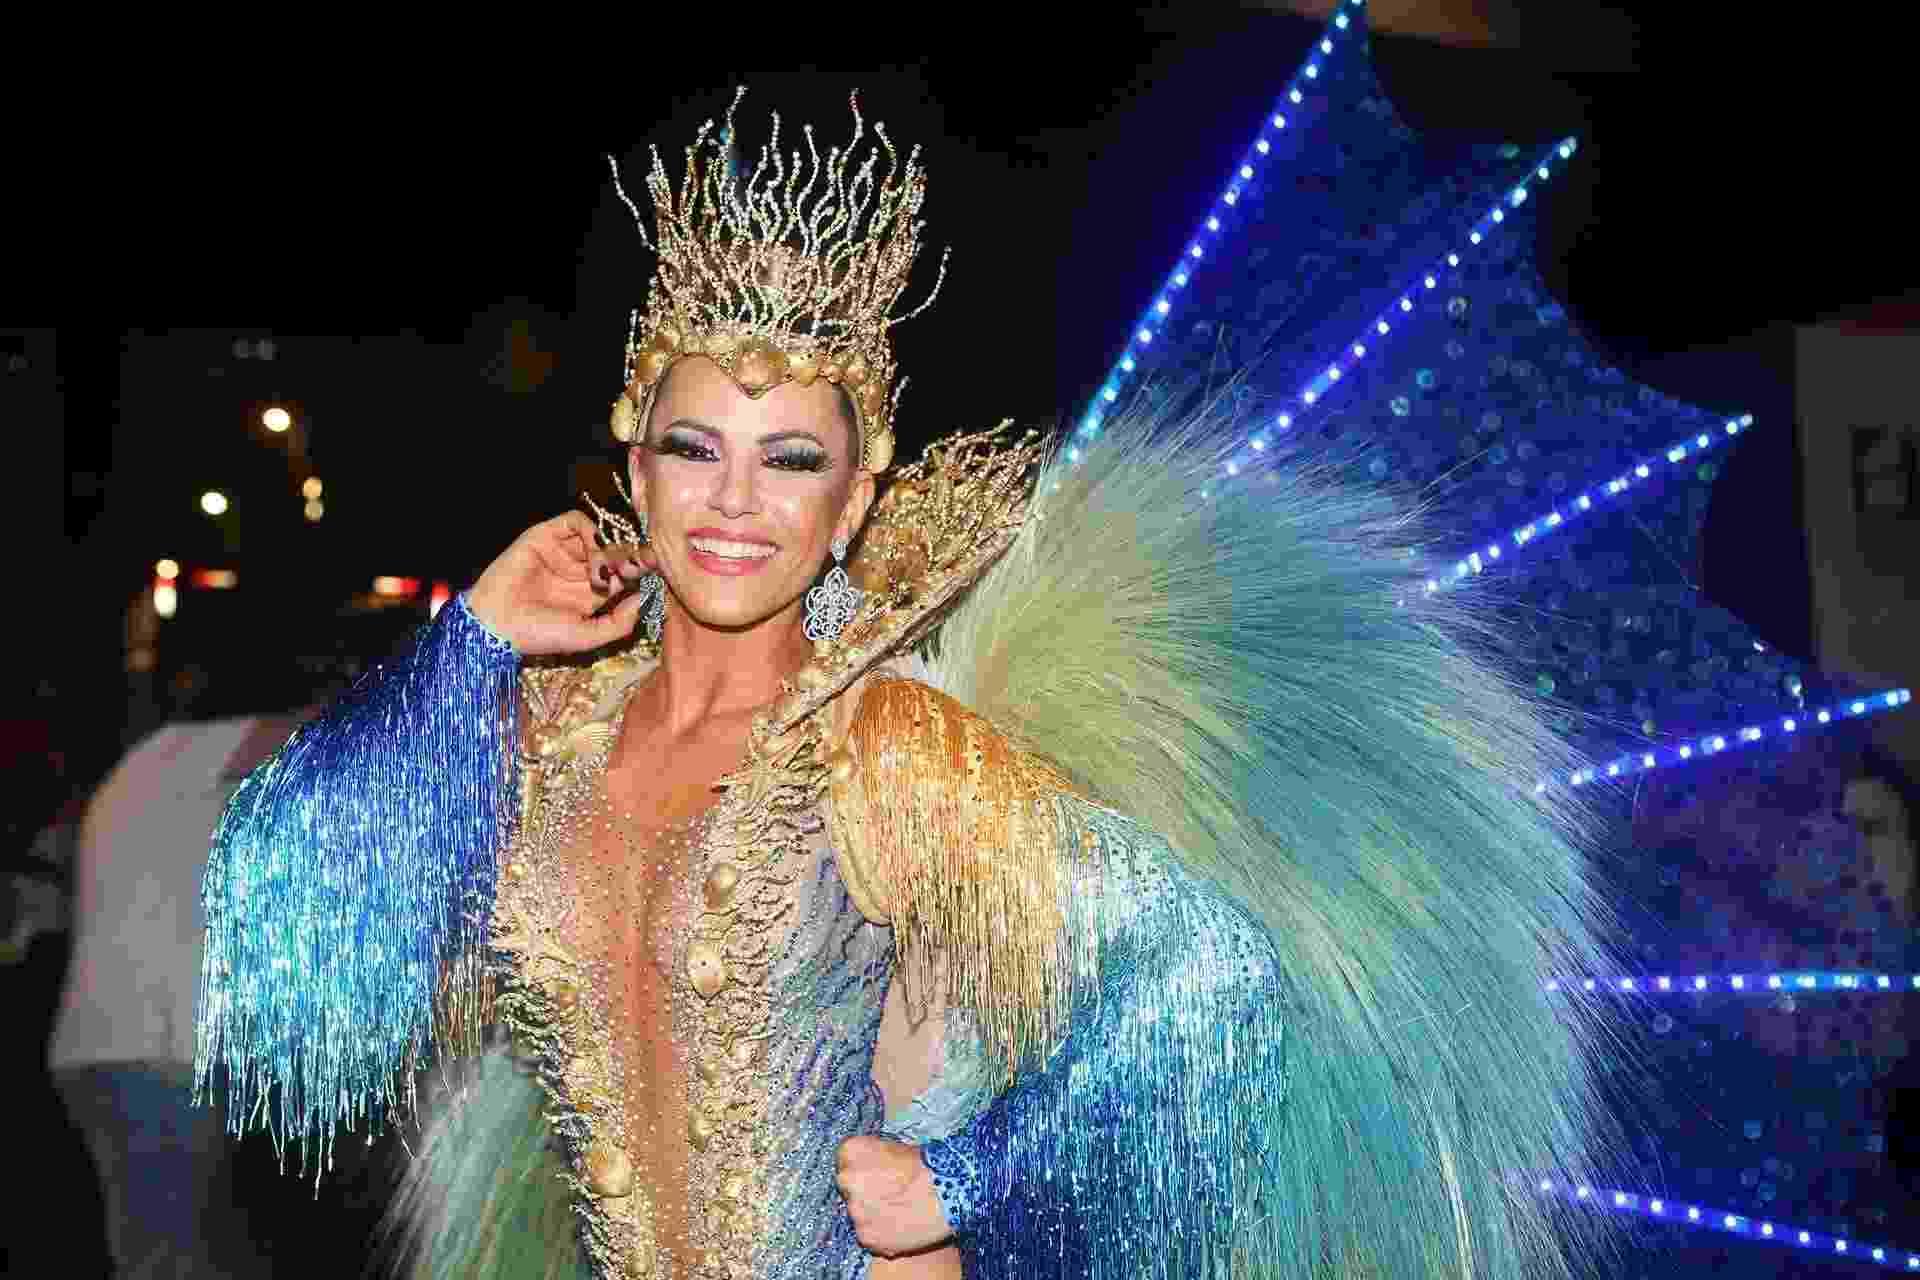 Tânia Oliveira, rainha de bateria da União da Ilha, posa na Sapucaí antes de entrar na avenida - Iwi Onodera/UOL